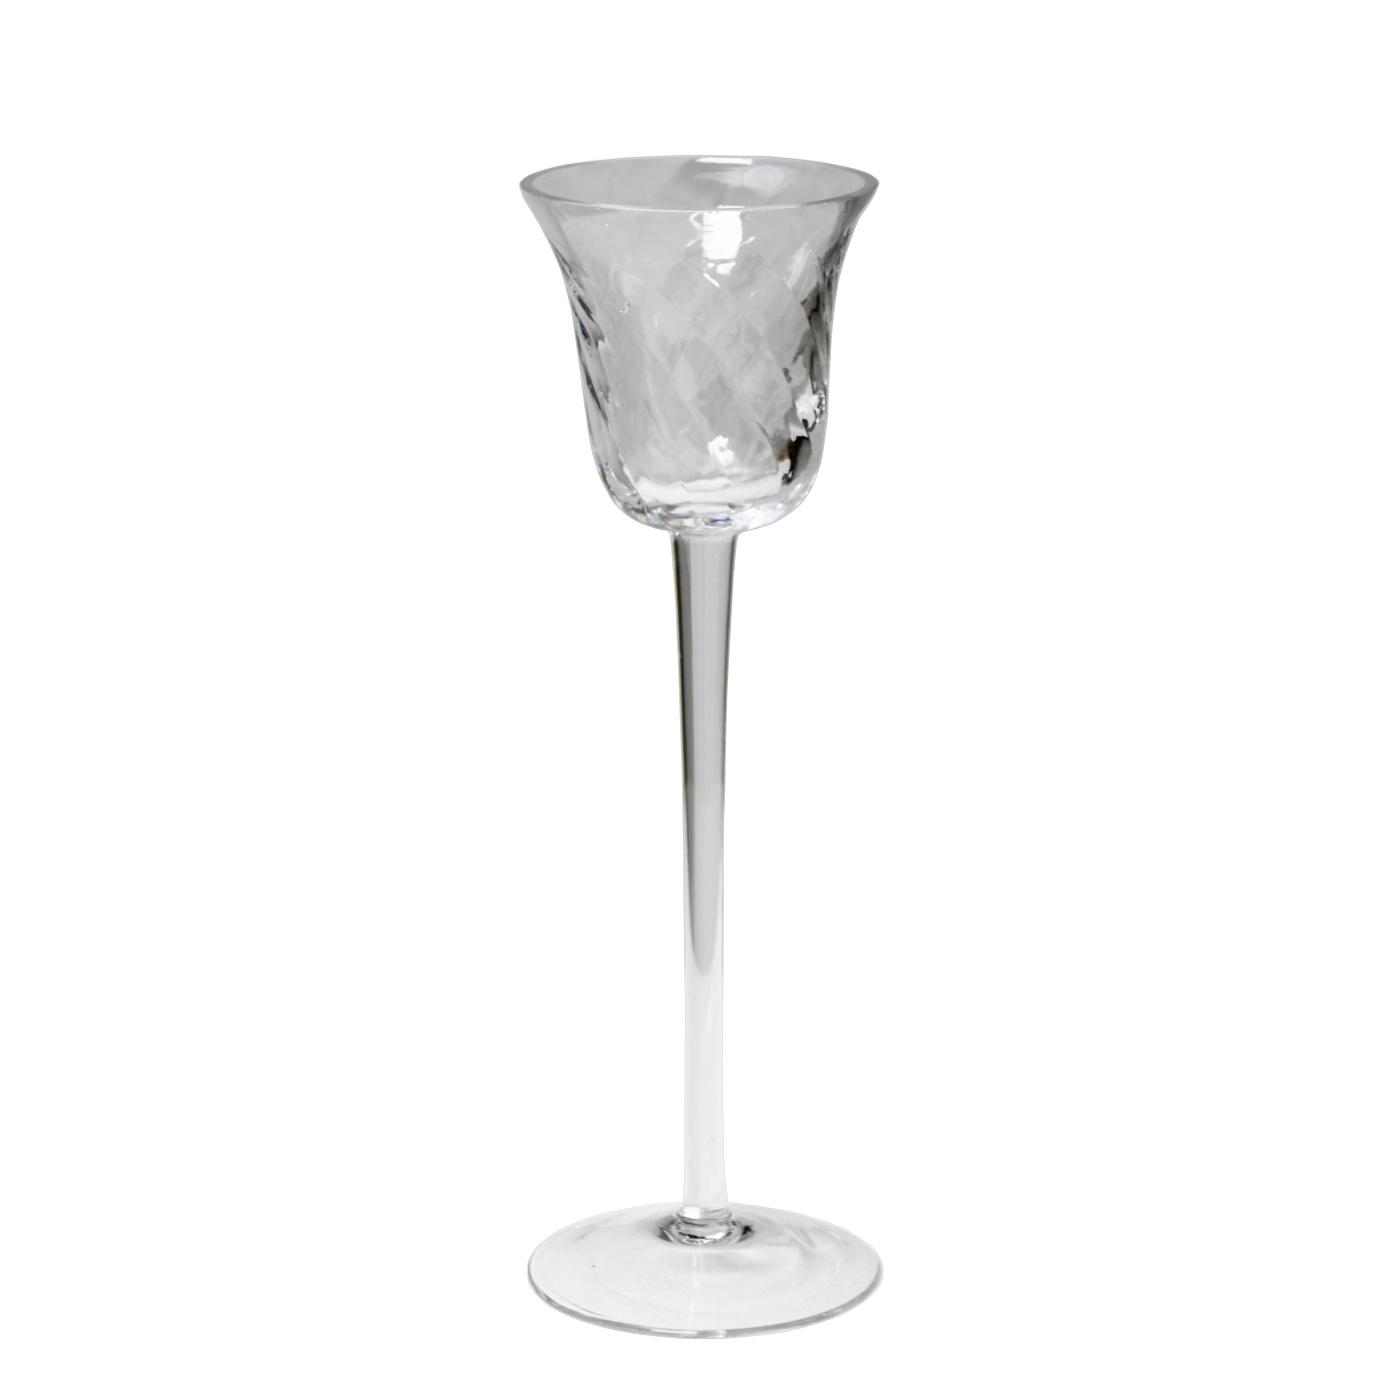 Fuss Glas 20cm Teelichthalter Votivkerzenhalter a